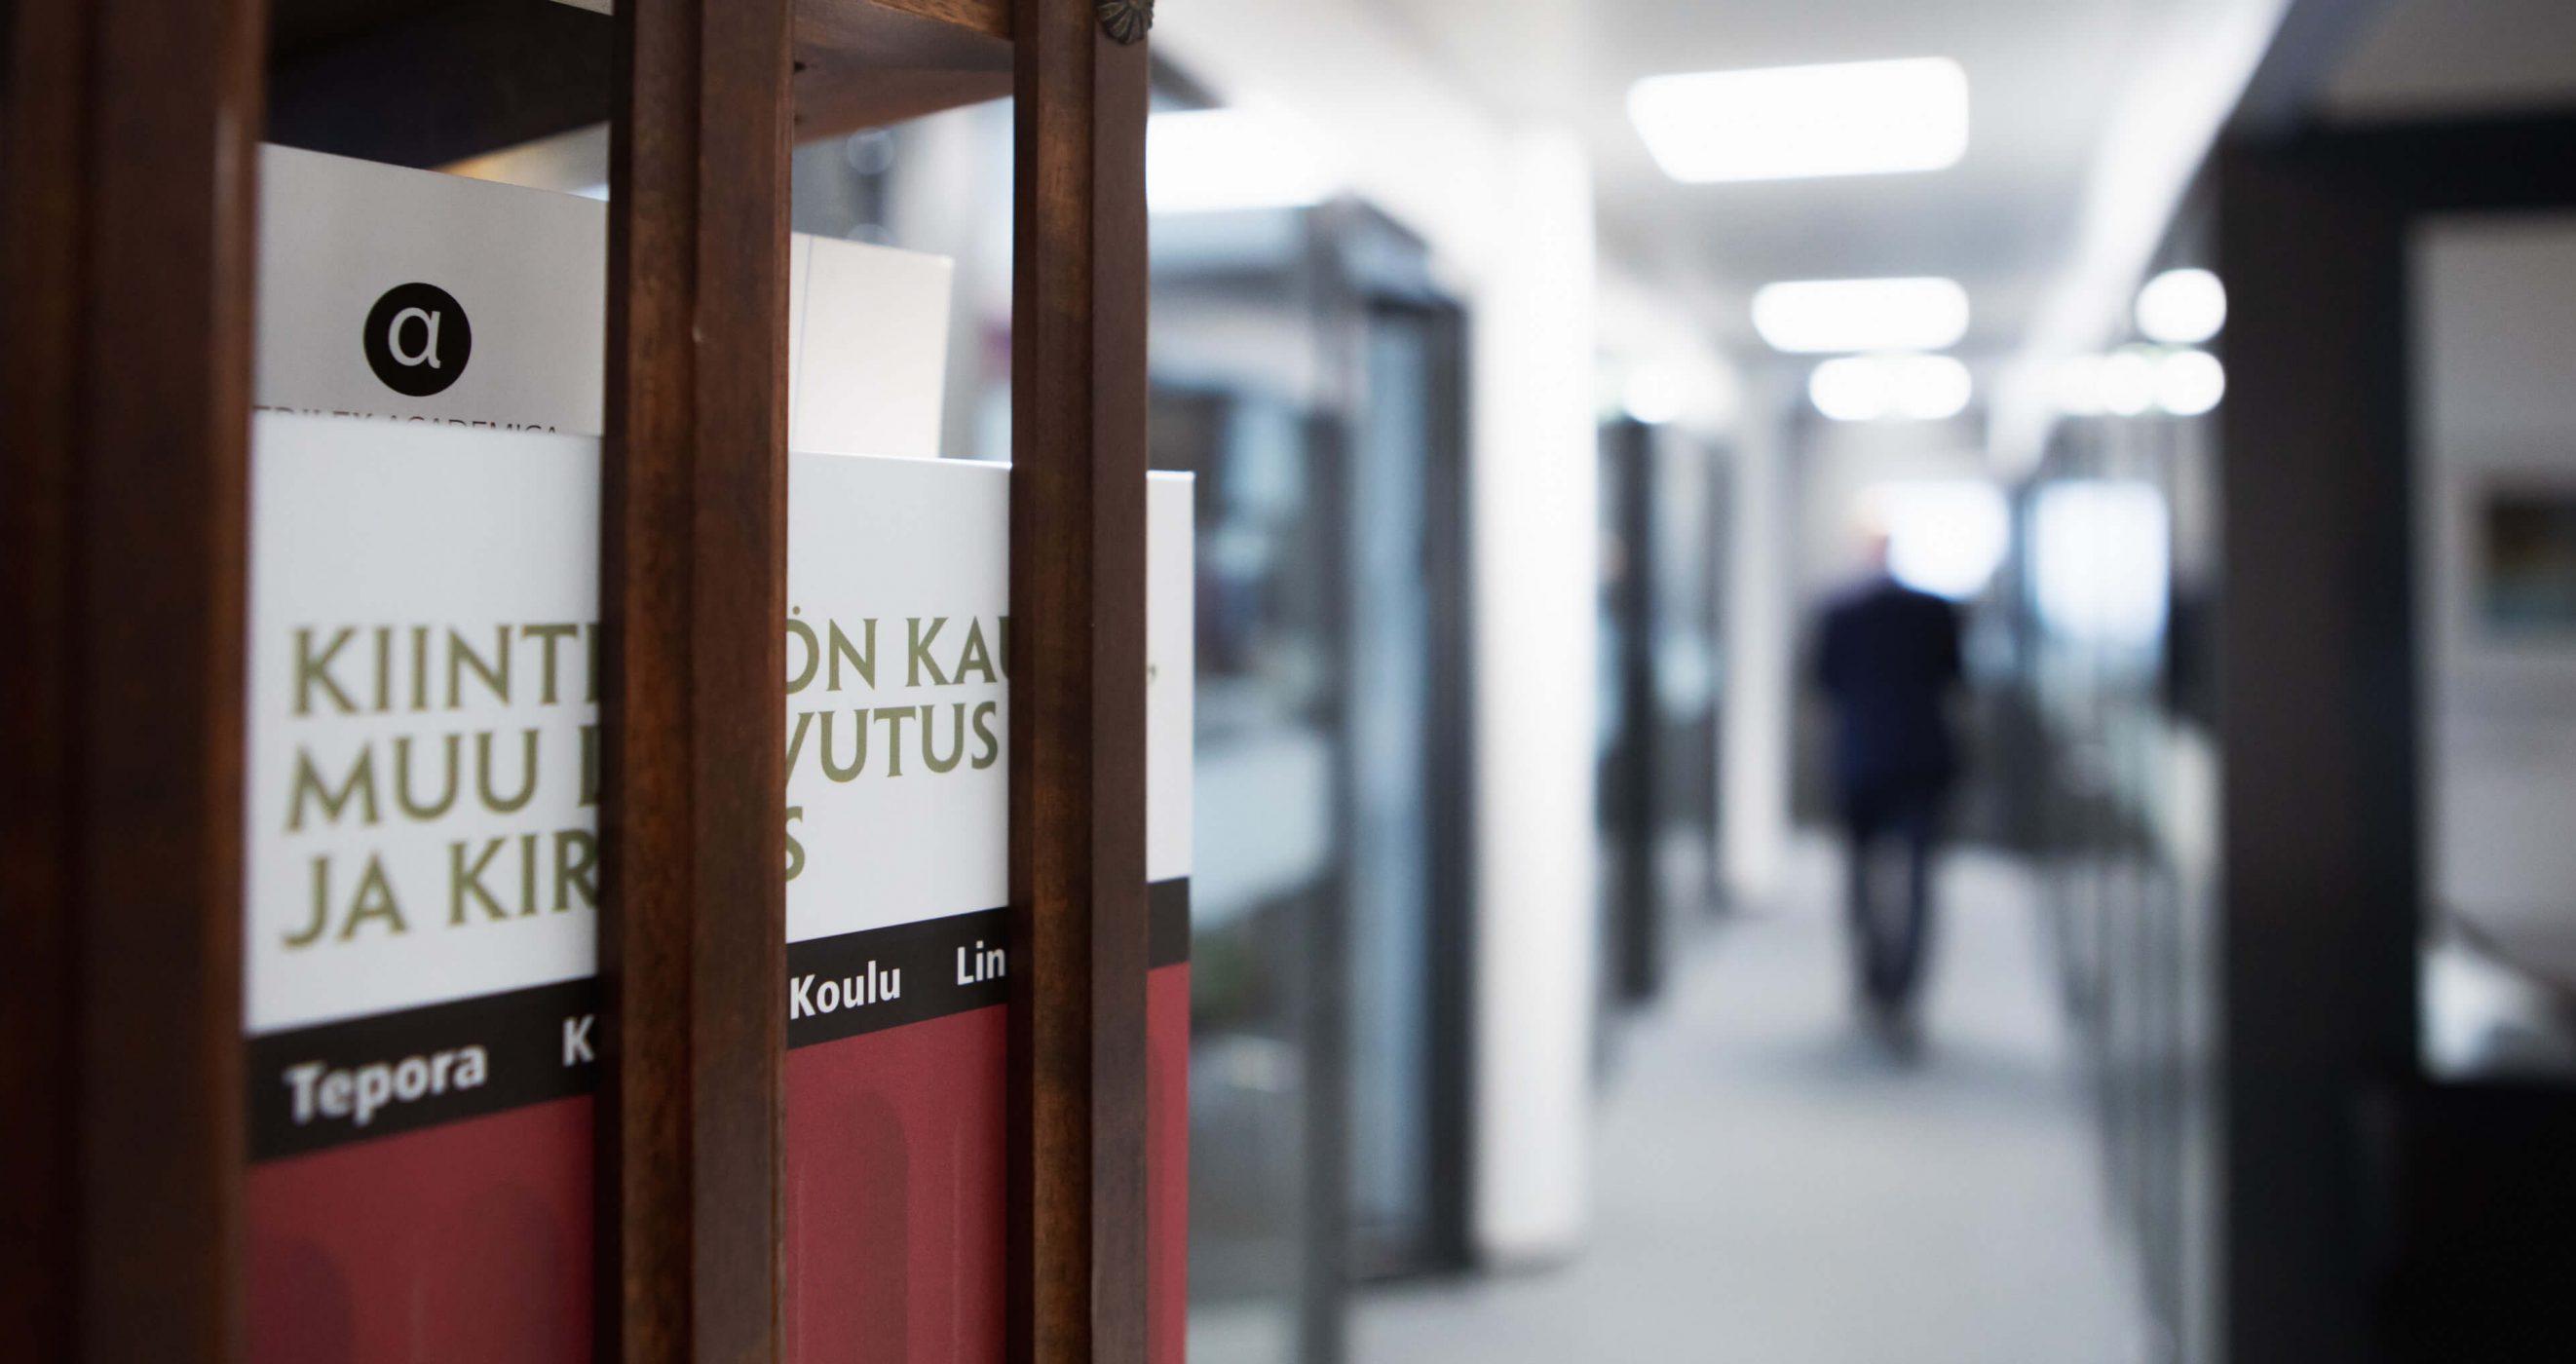 Oikeuspalvelut yksityisille - Asianajotoimisto Laine Nikkanen Luukko